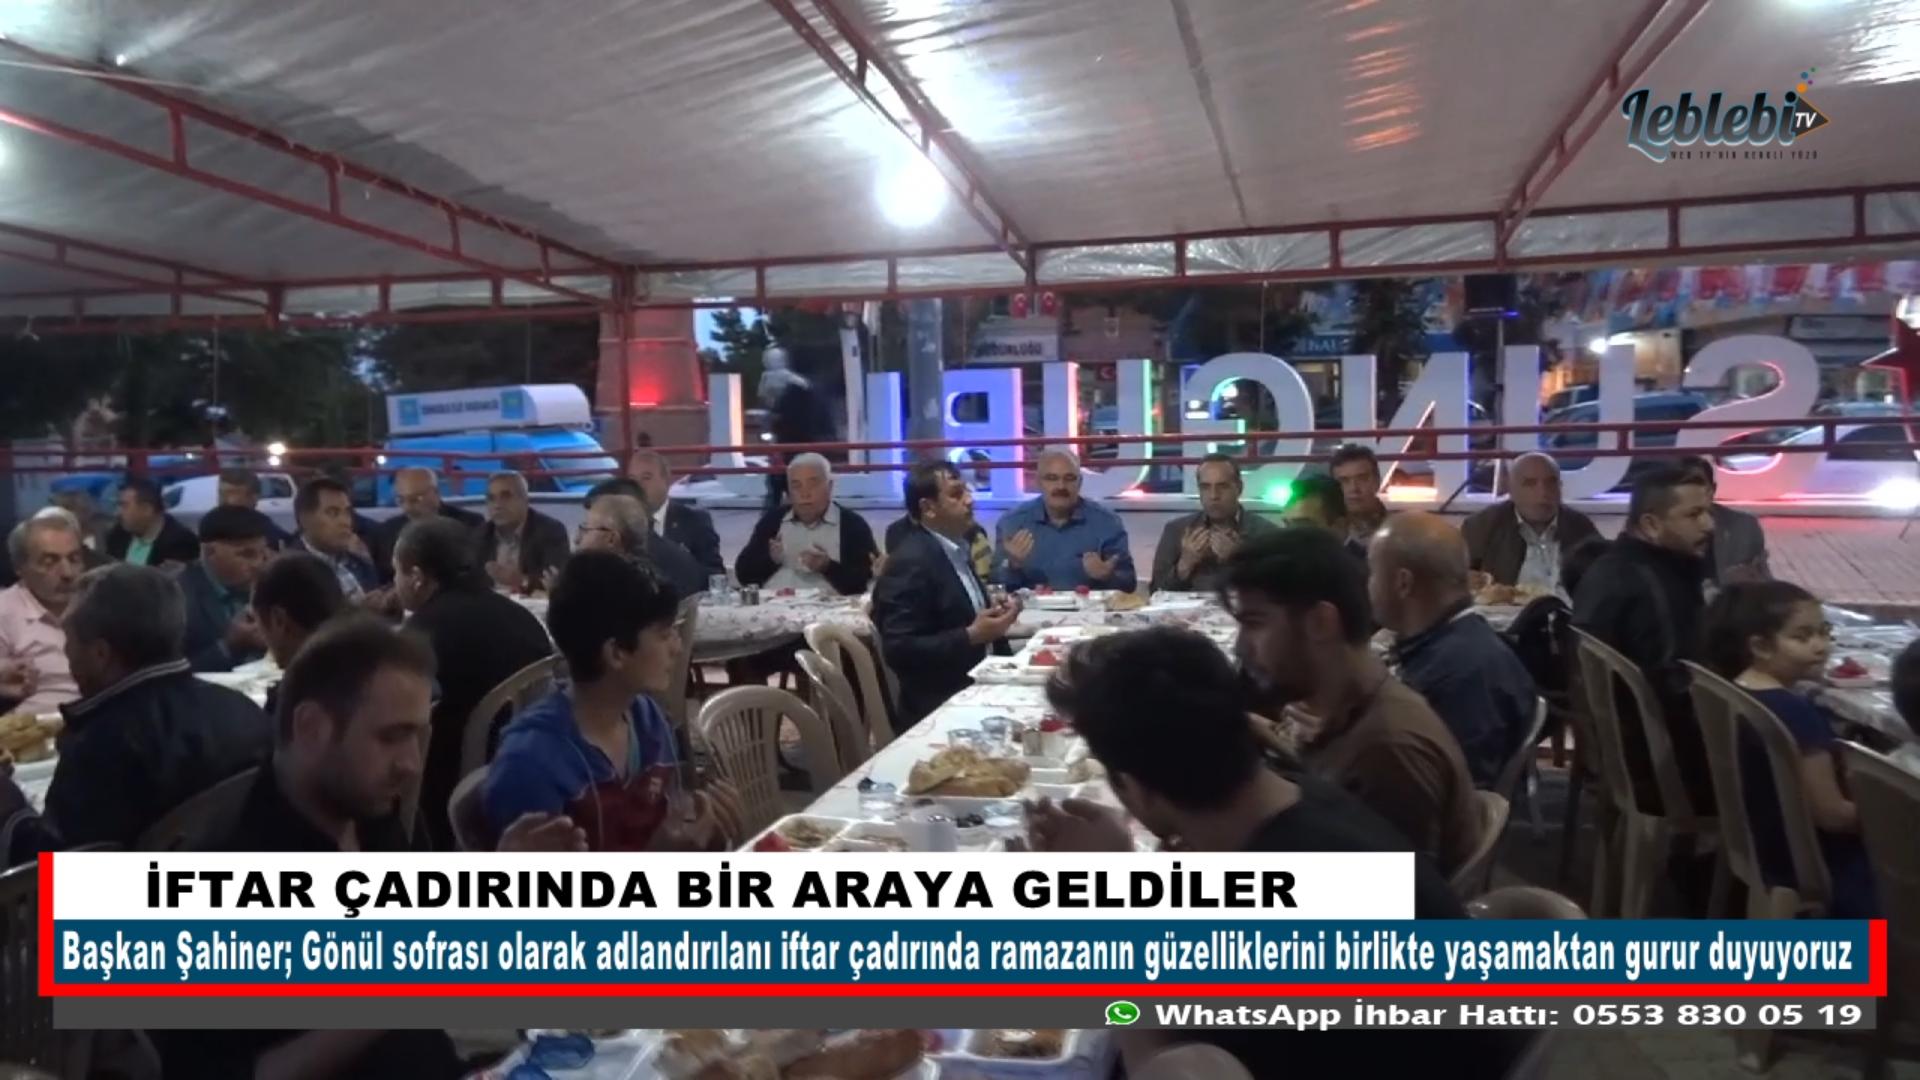 İFTAR ÇADIRINDA BİR ARAYA GELDİLER